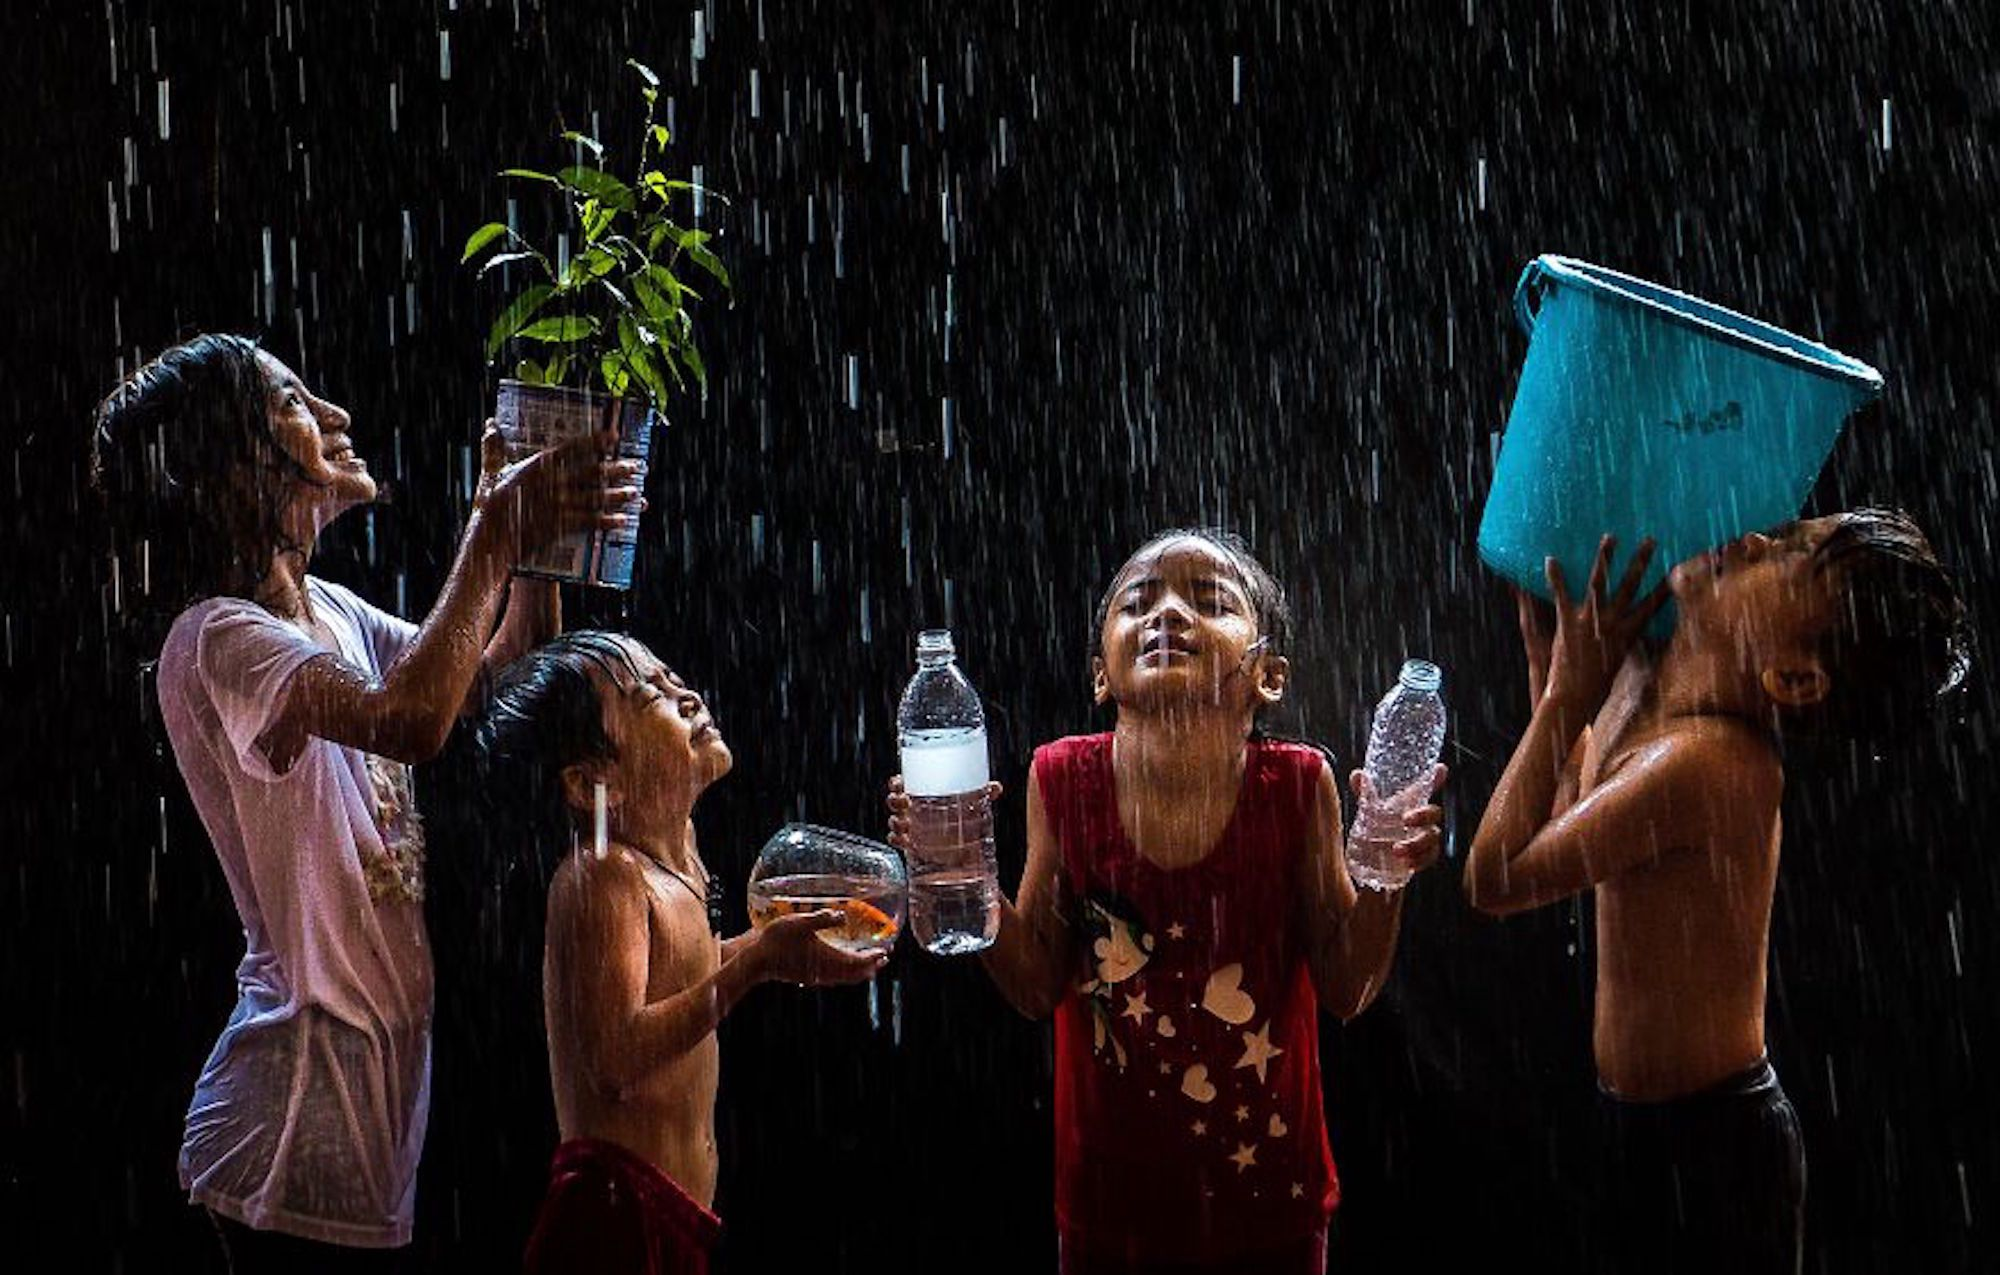 Crianças brincando durante um tufão nas Filipinas